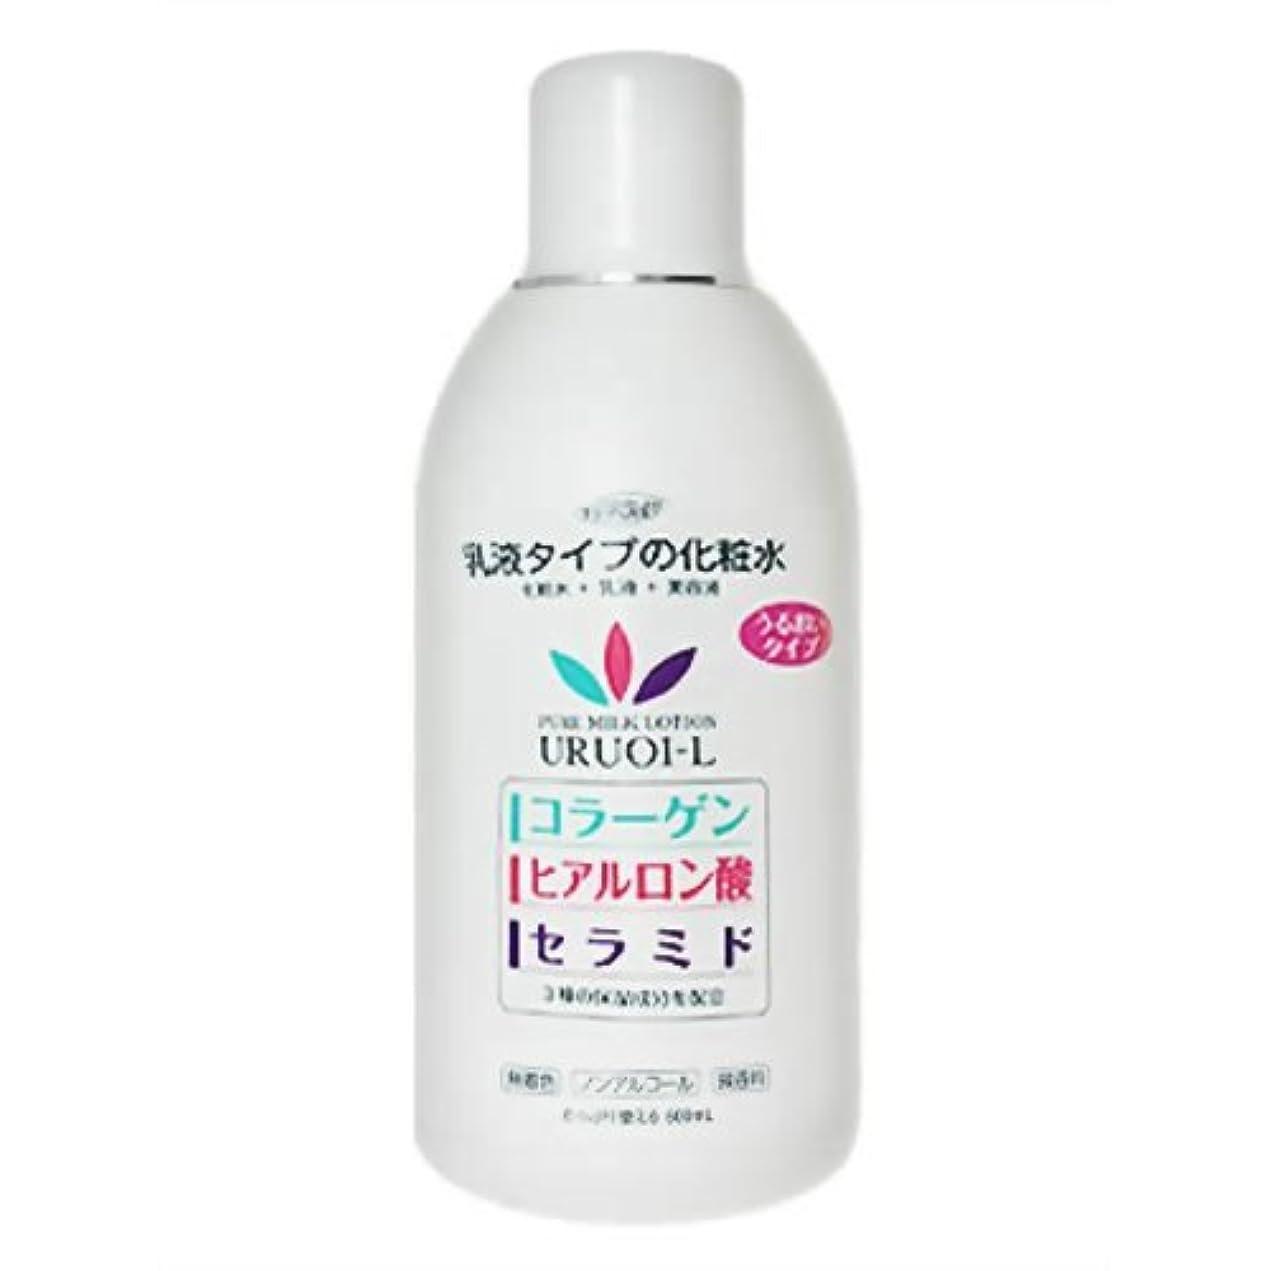 お気に入りロンドンドライ乳液タイプの化粧水 うるおい 500ml×10個セット